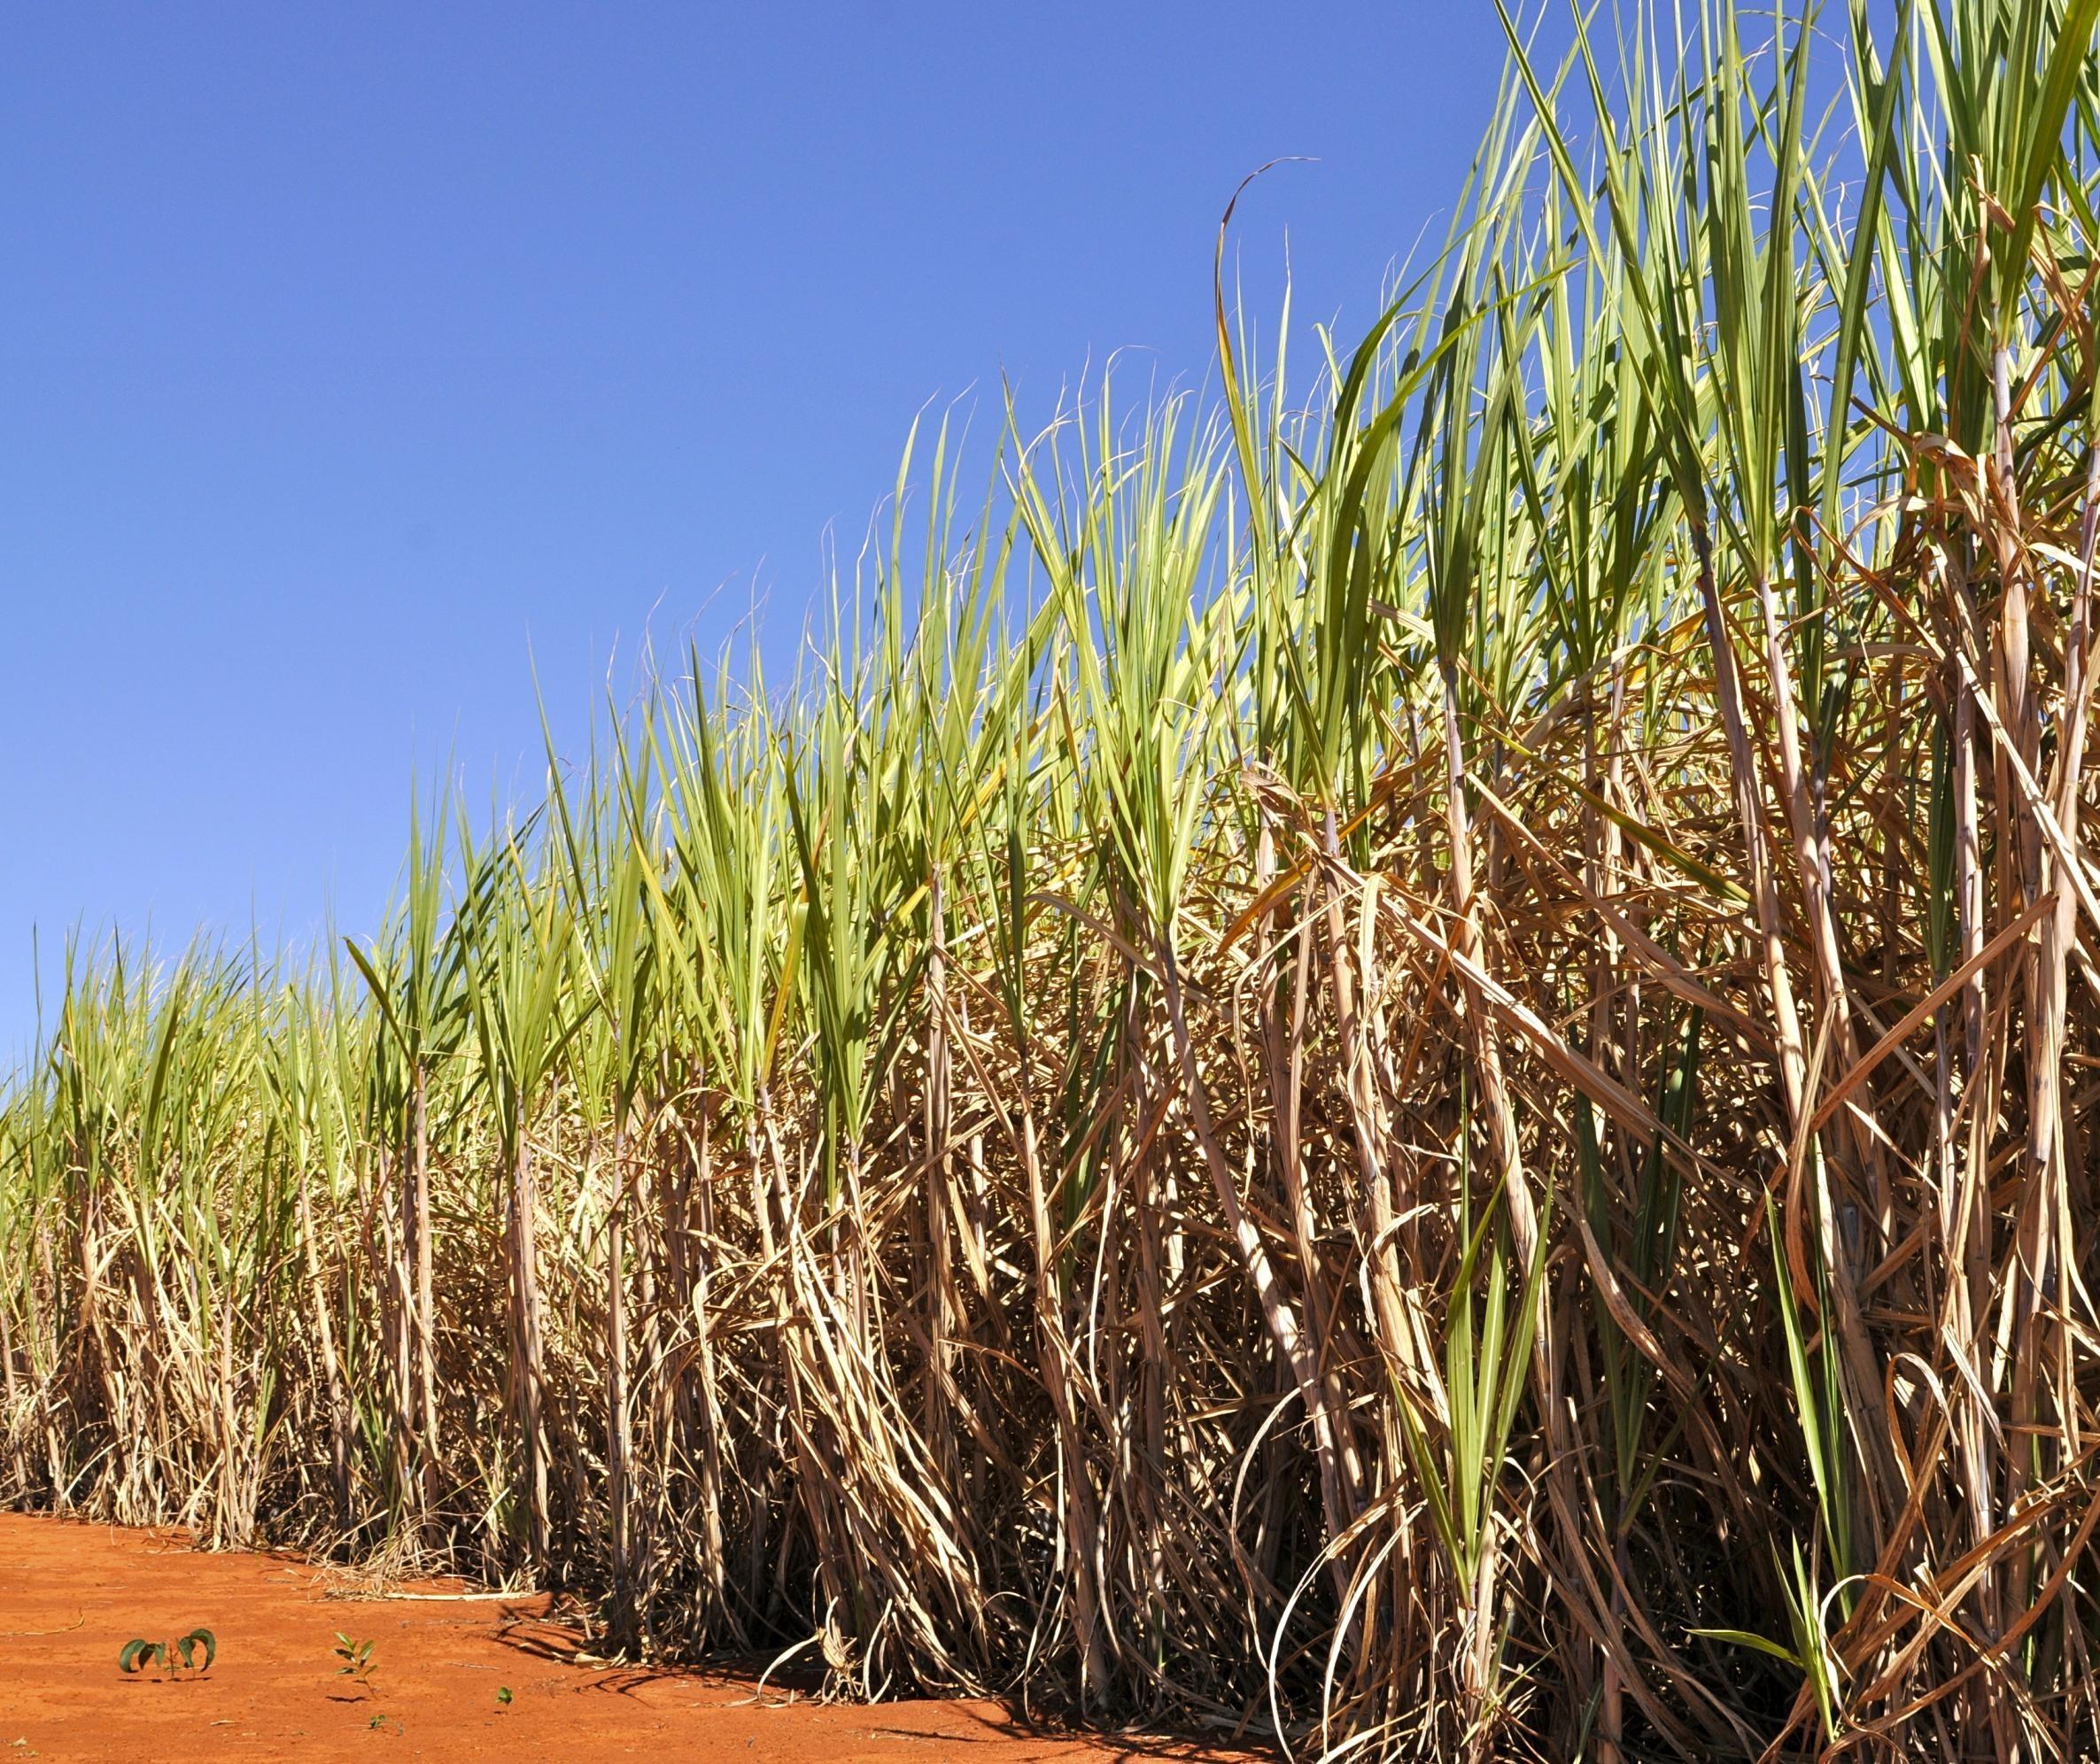 País confirma recorde na produção de etanol: 35,6 bilhões de litros na safra 2019/20